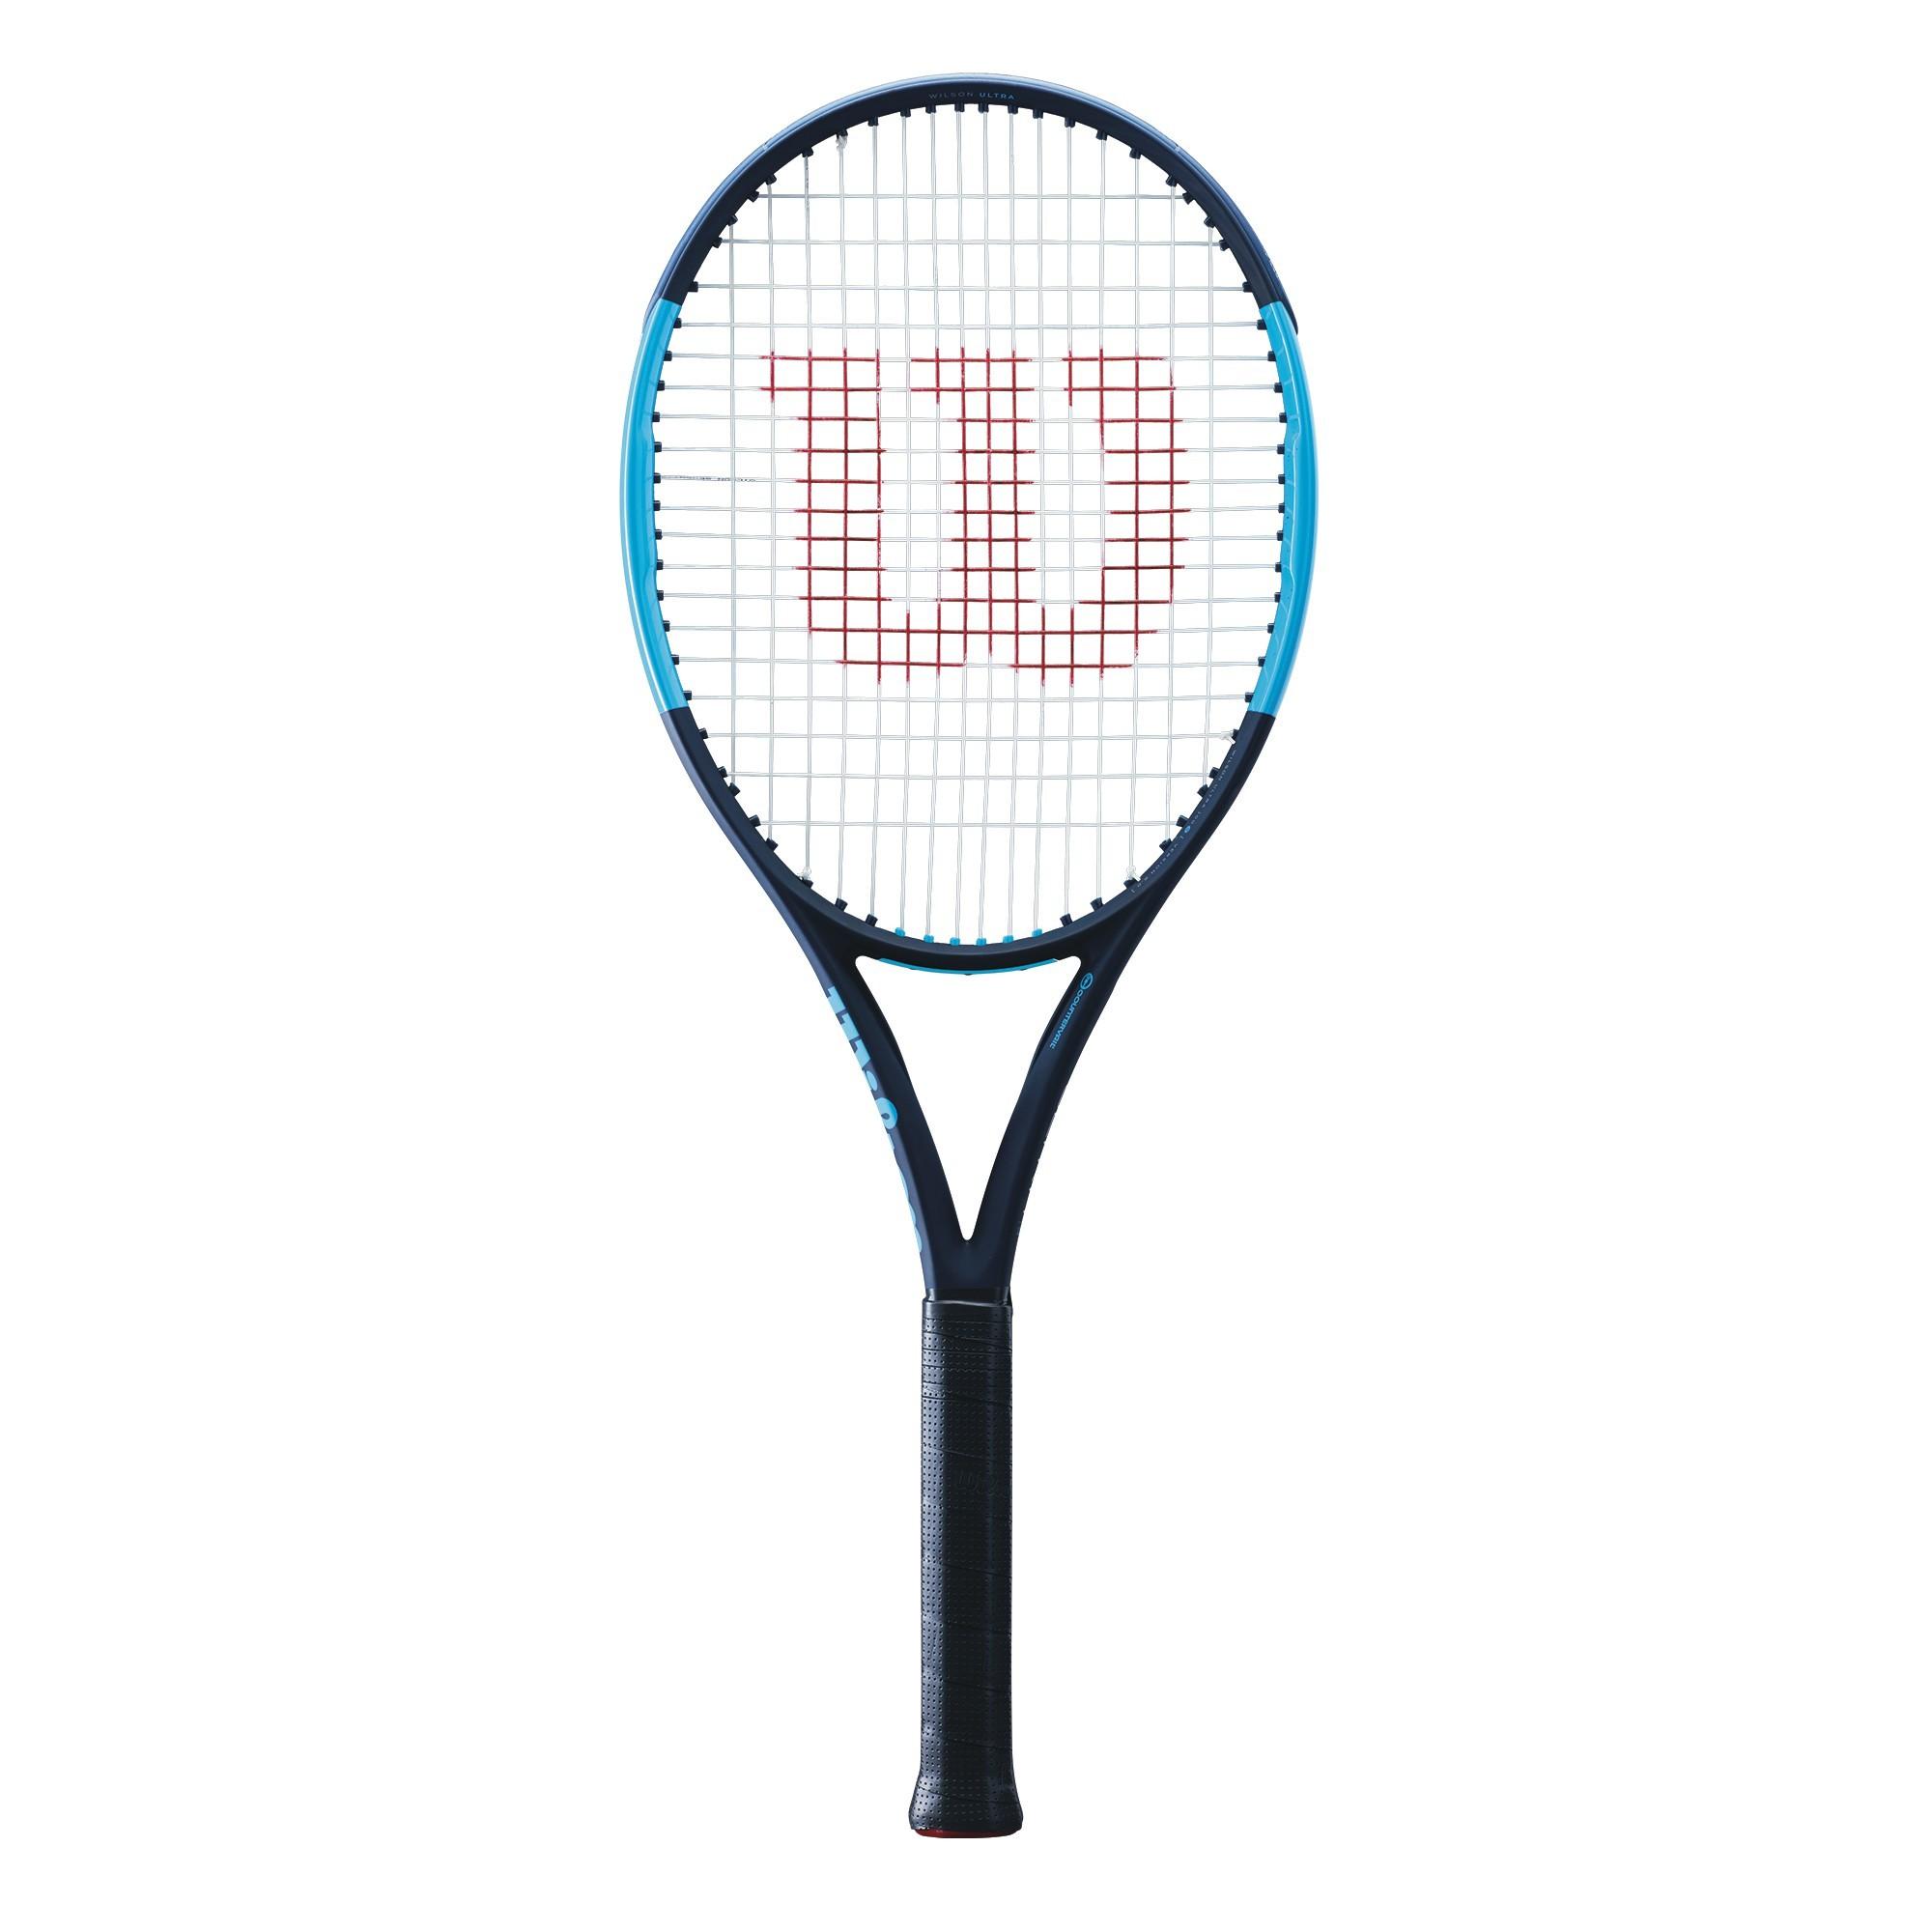 Rakieta tenisowa Wilson Ultra 100 Countervail + naciąg Luxilon